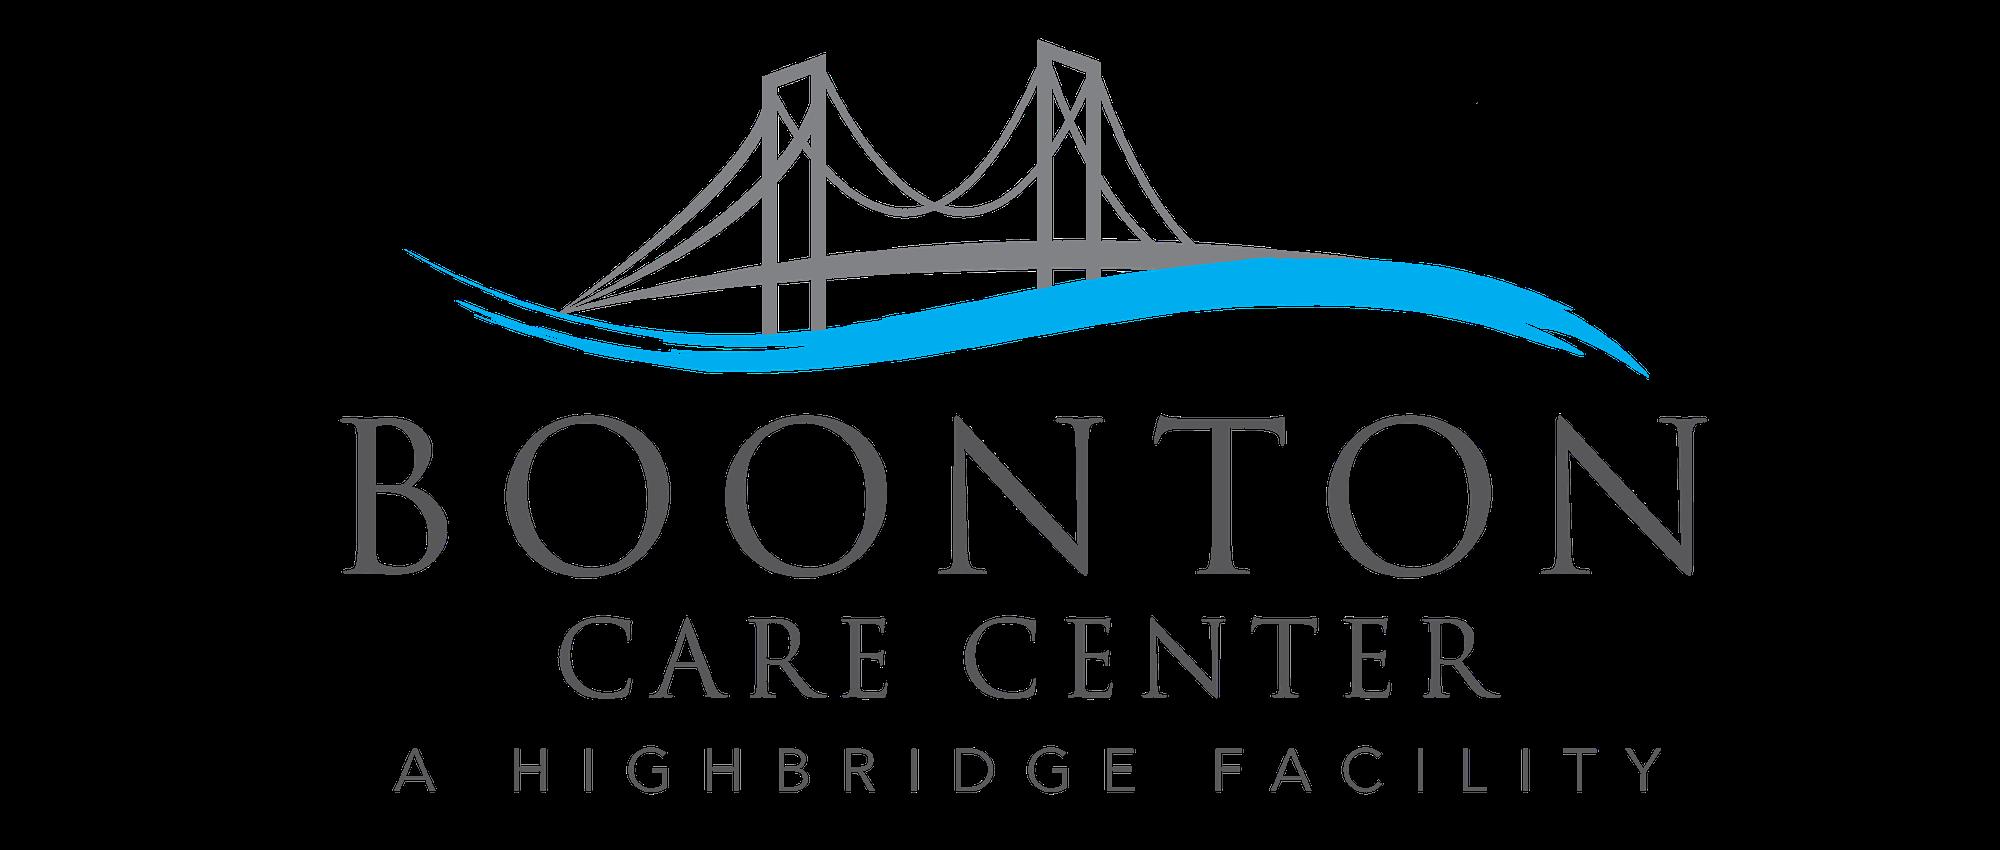 Boonton Care Center logo